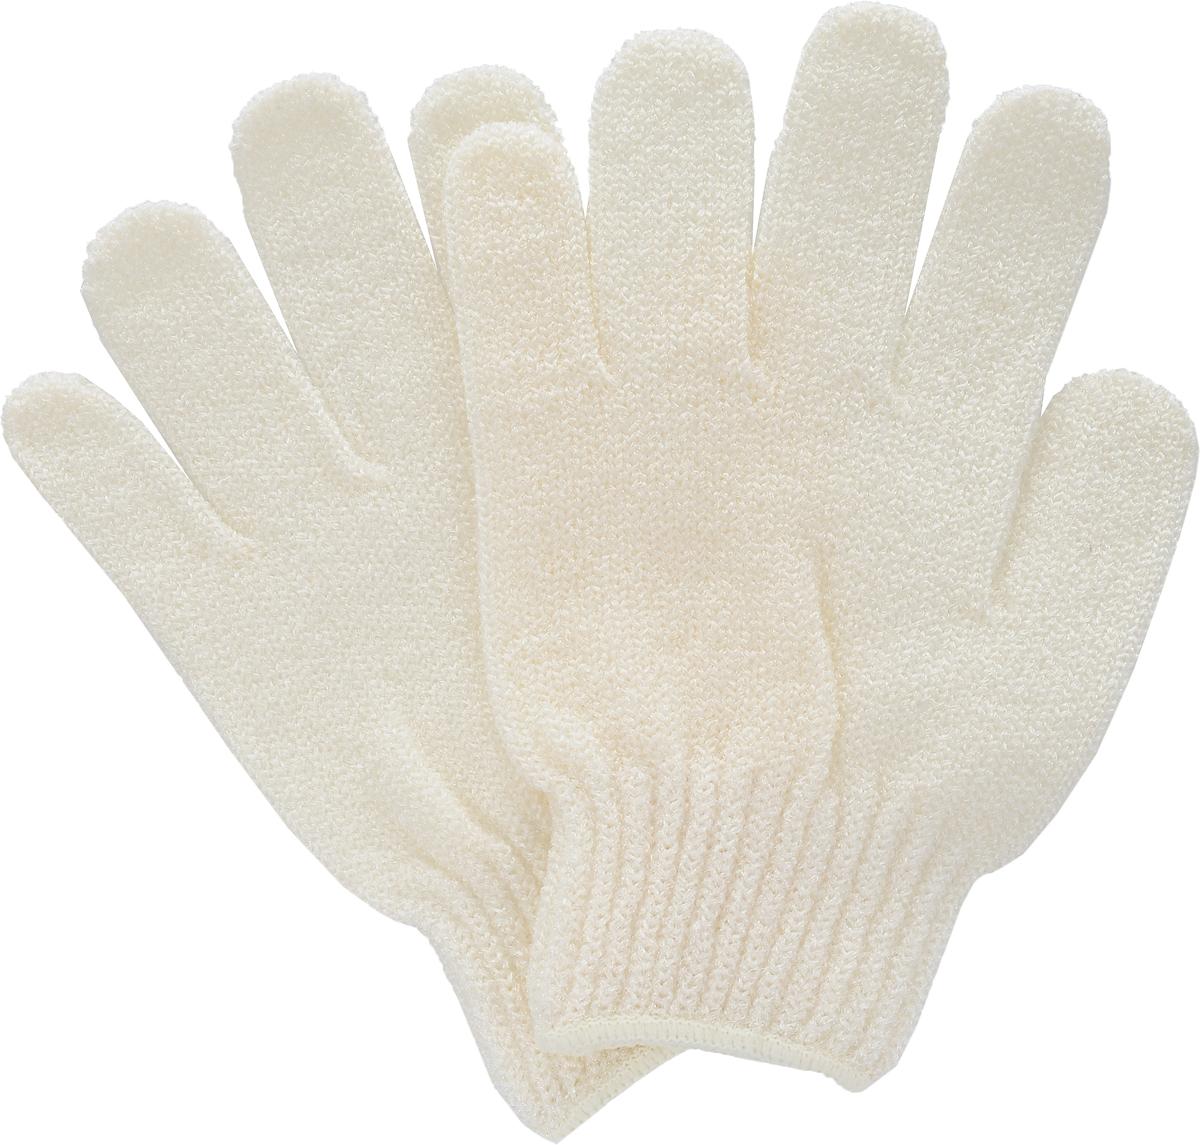 Перчатки для пилинга Riffi, цвет: молочный5010777139655Эластичные безразмерные перчатки Riffi обладают активным антицеллюлитным эффектом и отличным пилинговым действием, тонизируя, массируя и эффективно очищая вашу кожу.Перчатки Riffi освобождает кожу от отмерших клеток, стимулирует регенерацию. Эффективно предупреждают образование целлюлита и обеспечивают омолаживающий эффект. Кожа становится гладкой, упругой и лучше готовой к принятию косметических средств. Интенсивный и пощипывающий свежий массаж тела с применением перчаток Riffi стимулирует кровообращение, активирует кровоснабжение, способствует обмену веществ. В комплекте 1 пара перчаток.